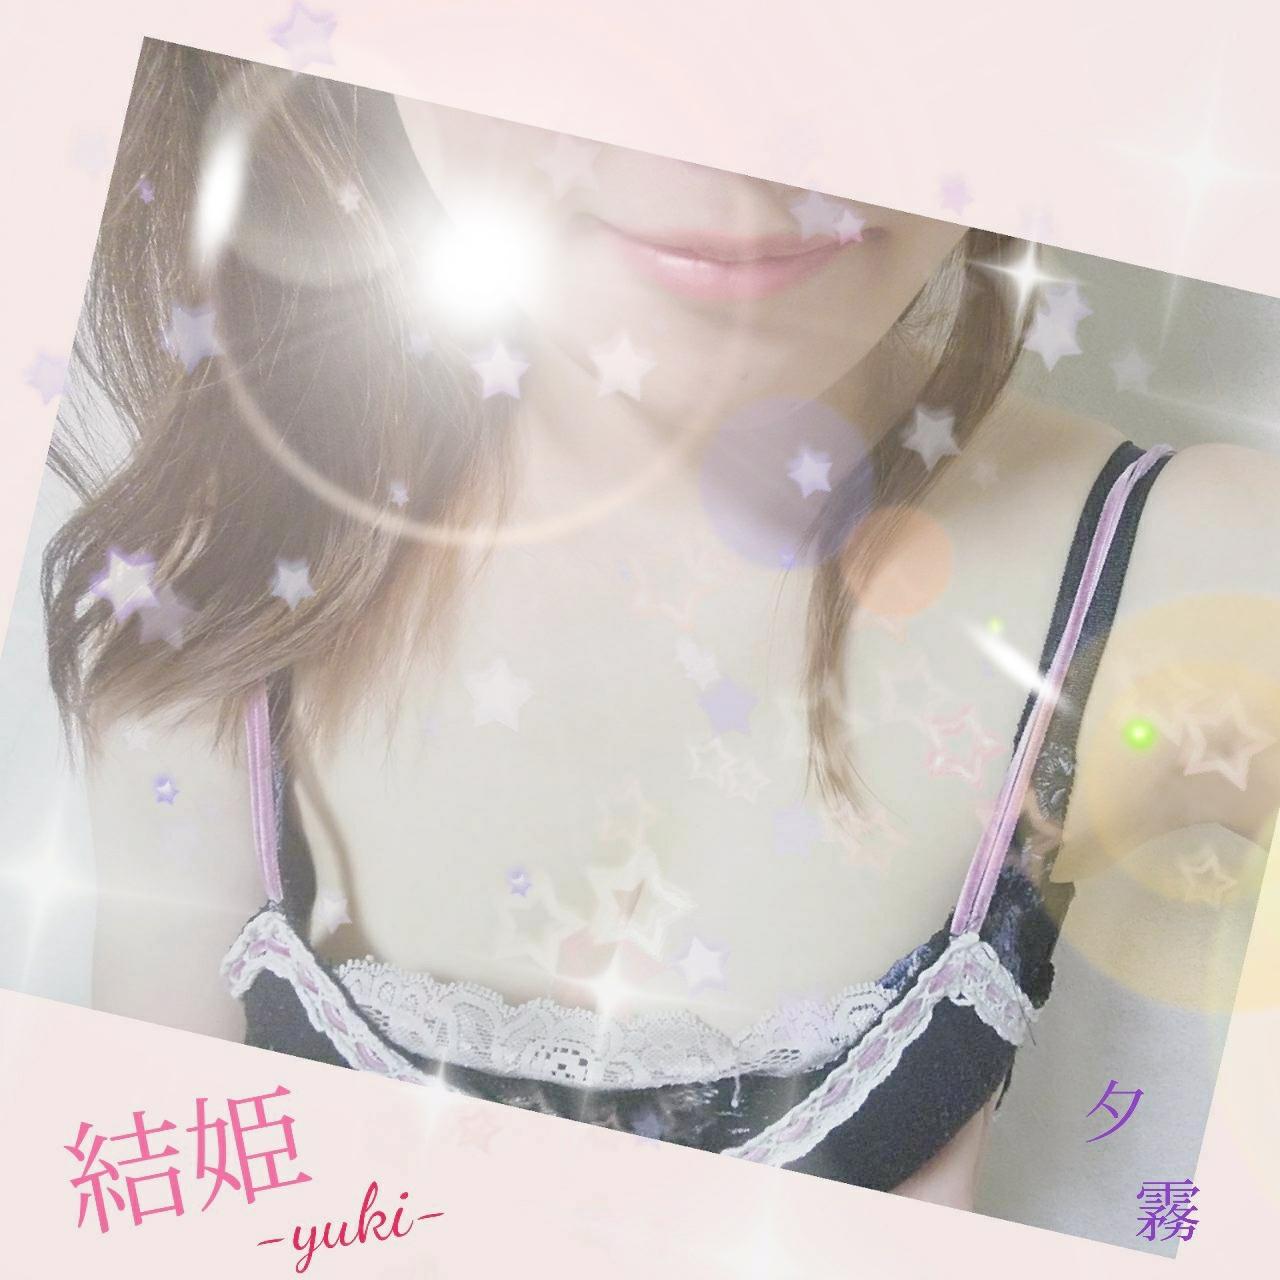 結姫-yuki-の写真1